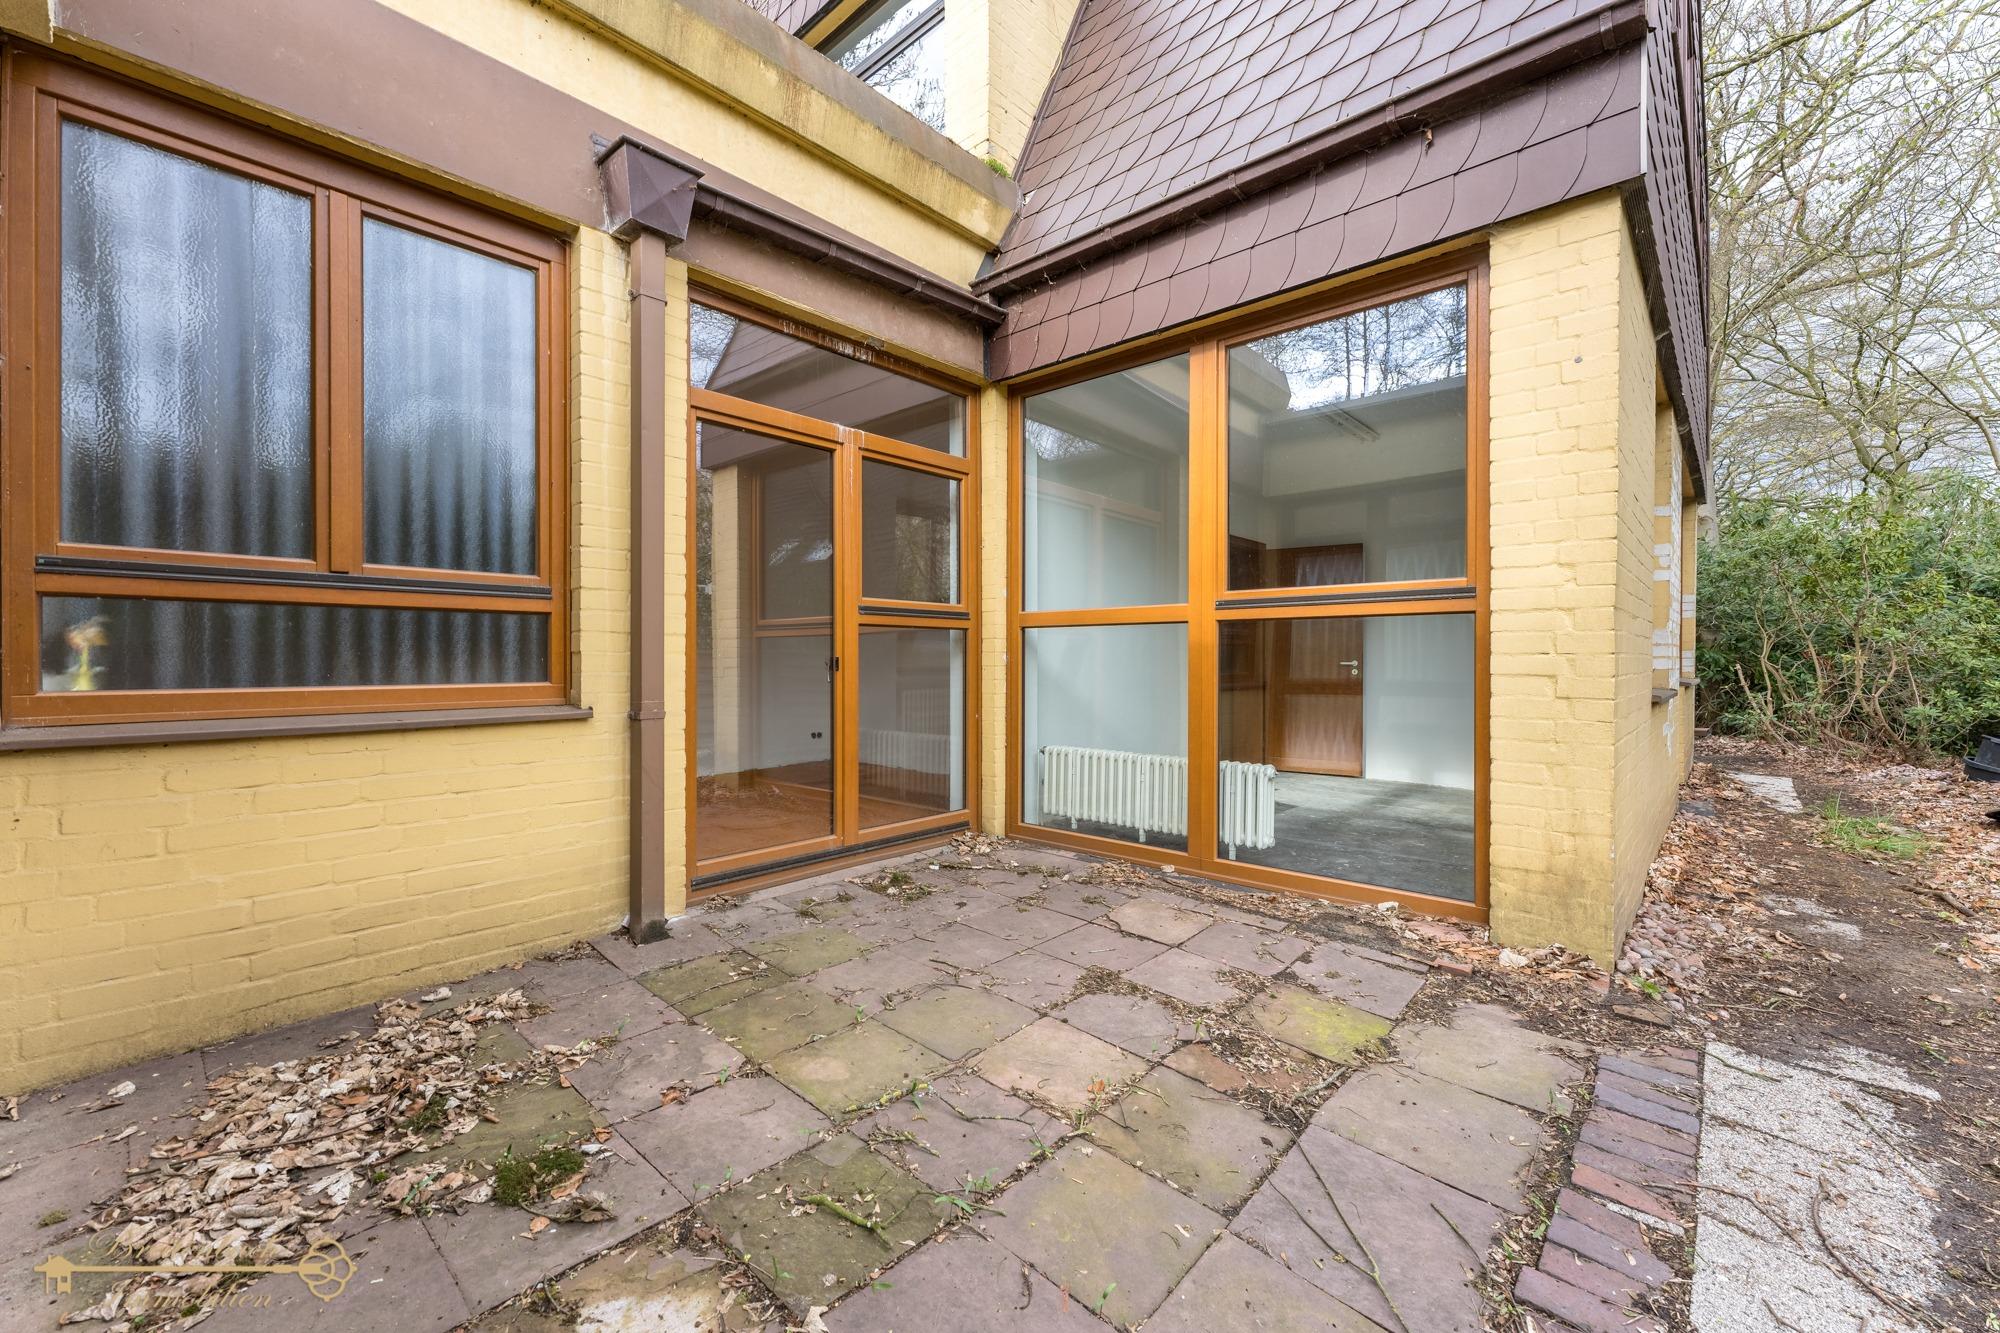 2021-04-08-Breitenbach-Immobilien-Makler-Bremen-28